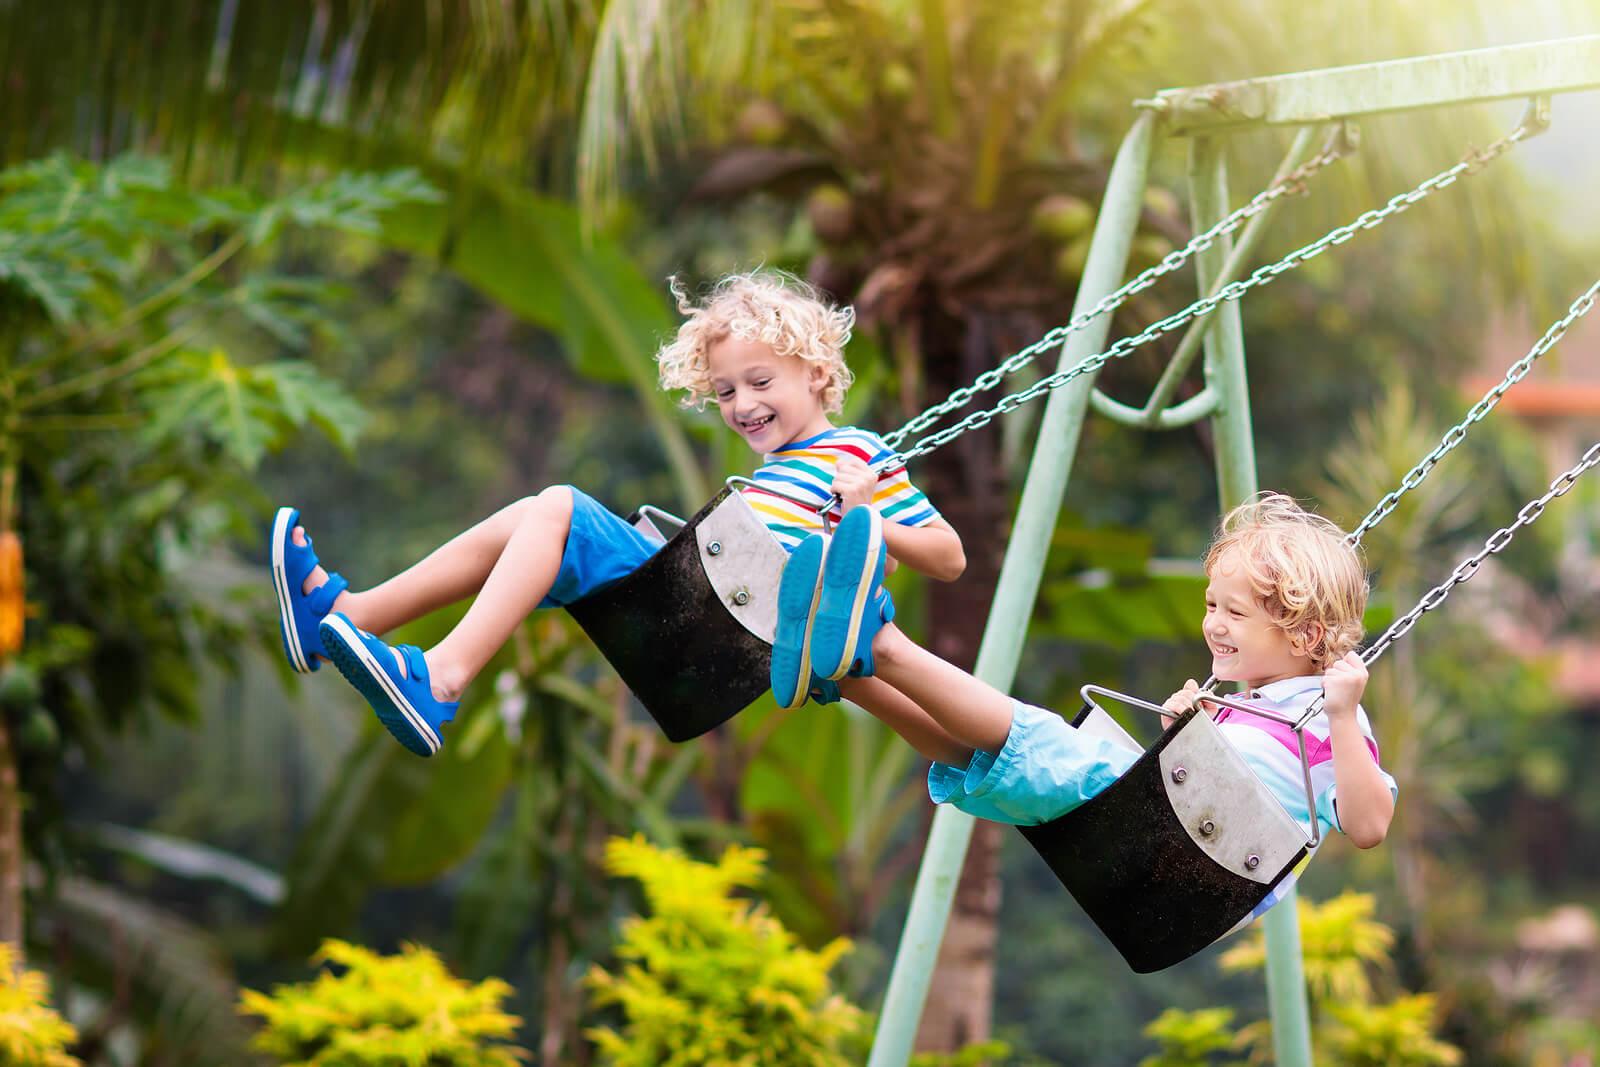 Niño jugando en los columpios del parque infantil.